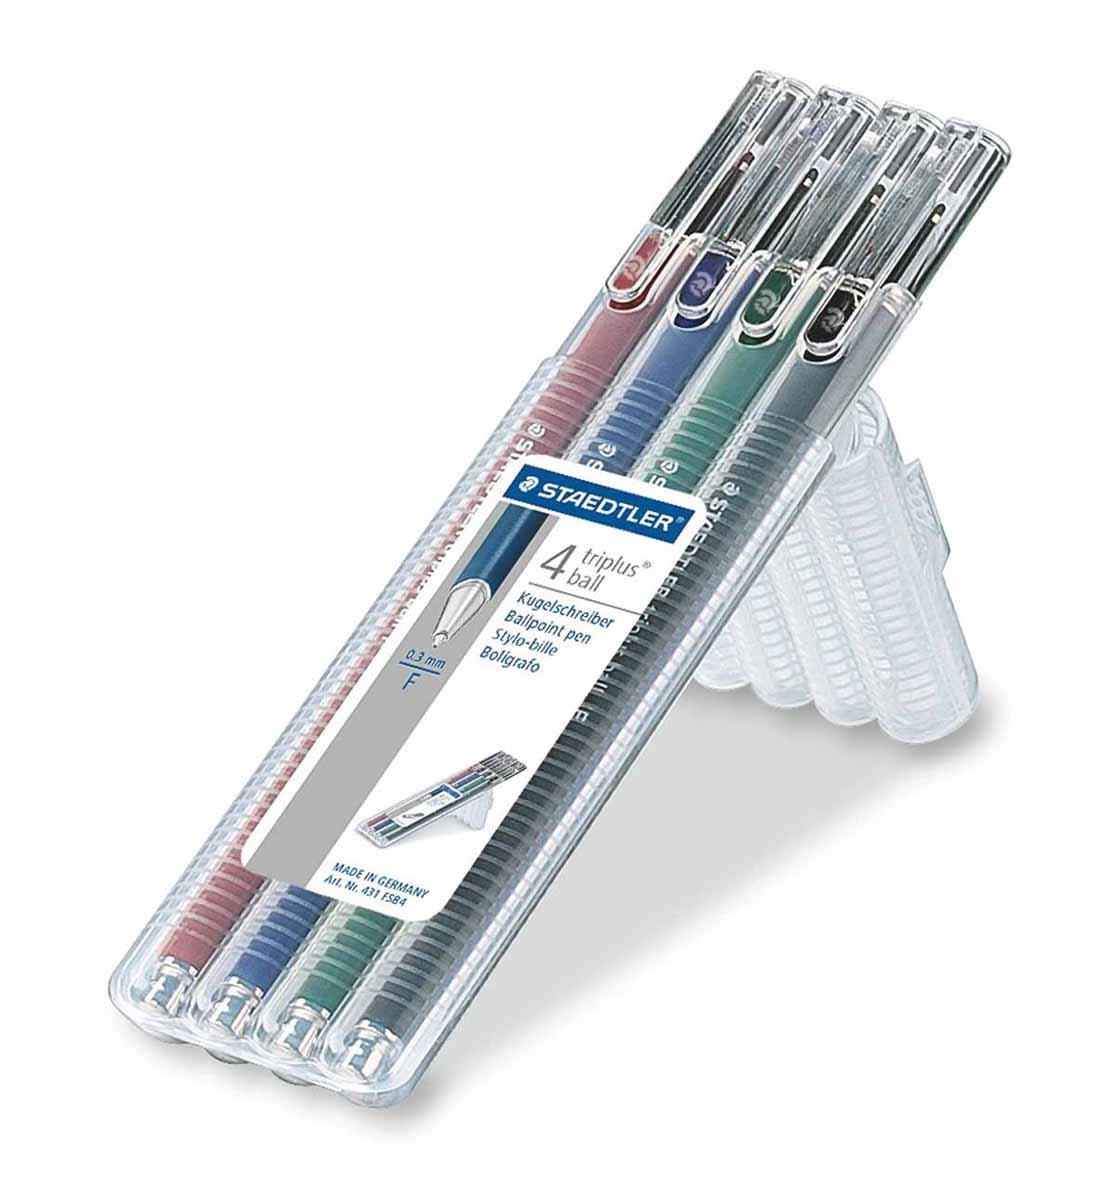 Staedtler Набор шариковых ручек Triplus Ball 4 цвета431FSB4Набор шариковых трехгранных ручек Staedtler Triplus Ball идеально подходит как для письма и работы с документами, так и для творчества. Цвет чернил соответствует цвету колпачка. Толщина линии 0,3 мм. В наборе 4 разноцветные ручки.